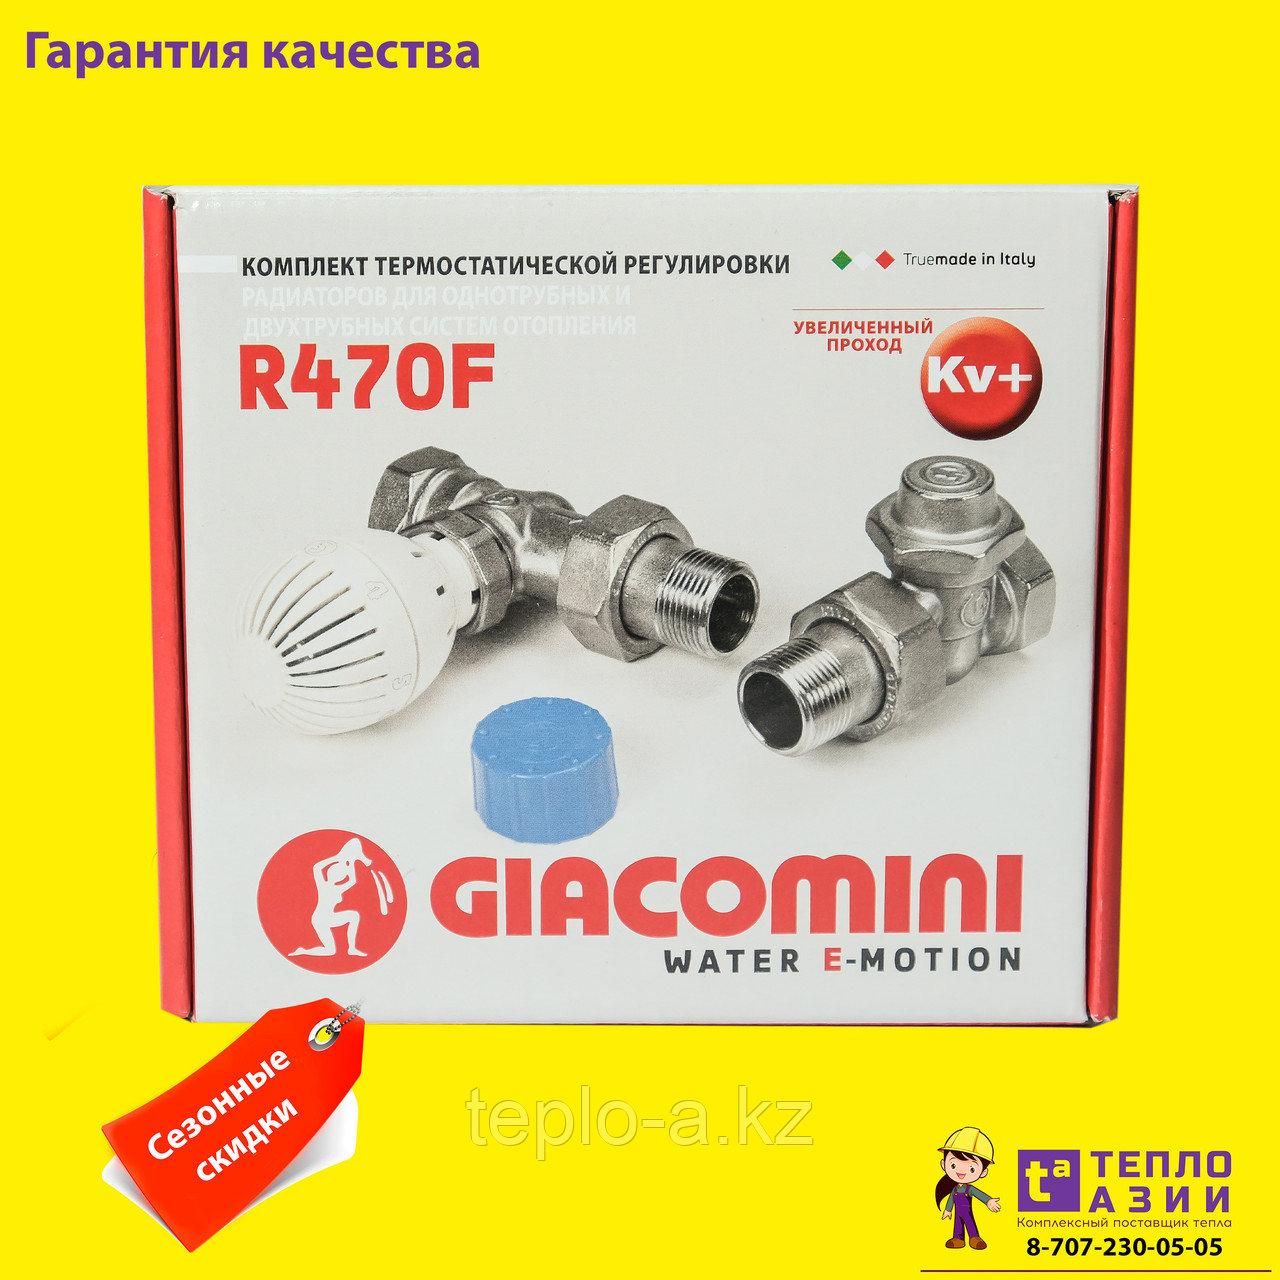 Комплект термостатической регулировки GIACOMINI